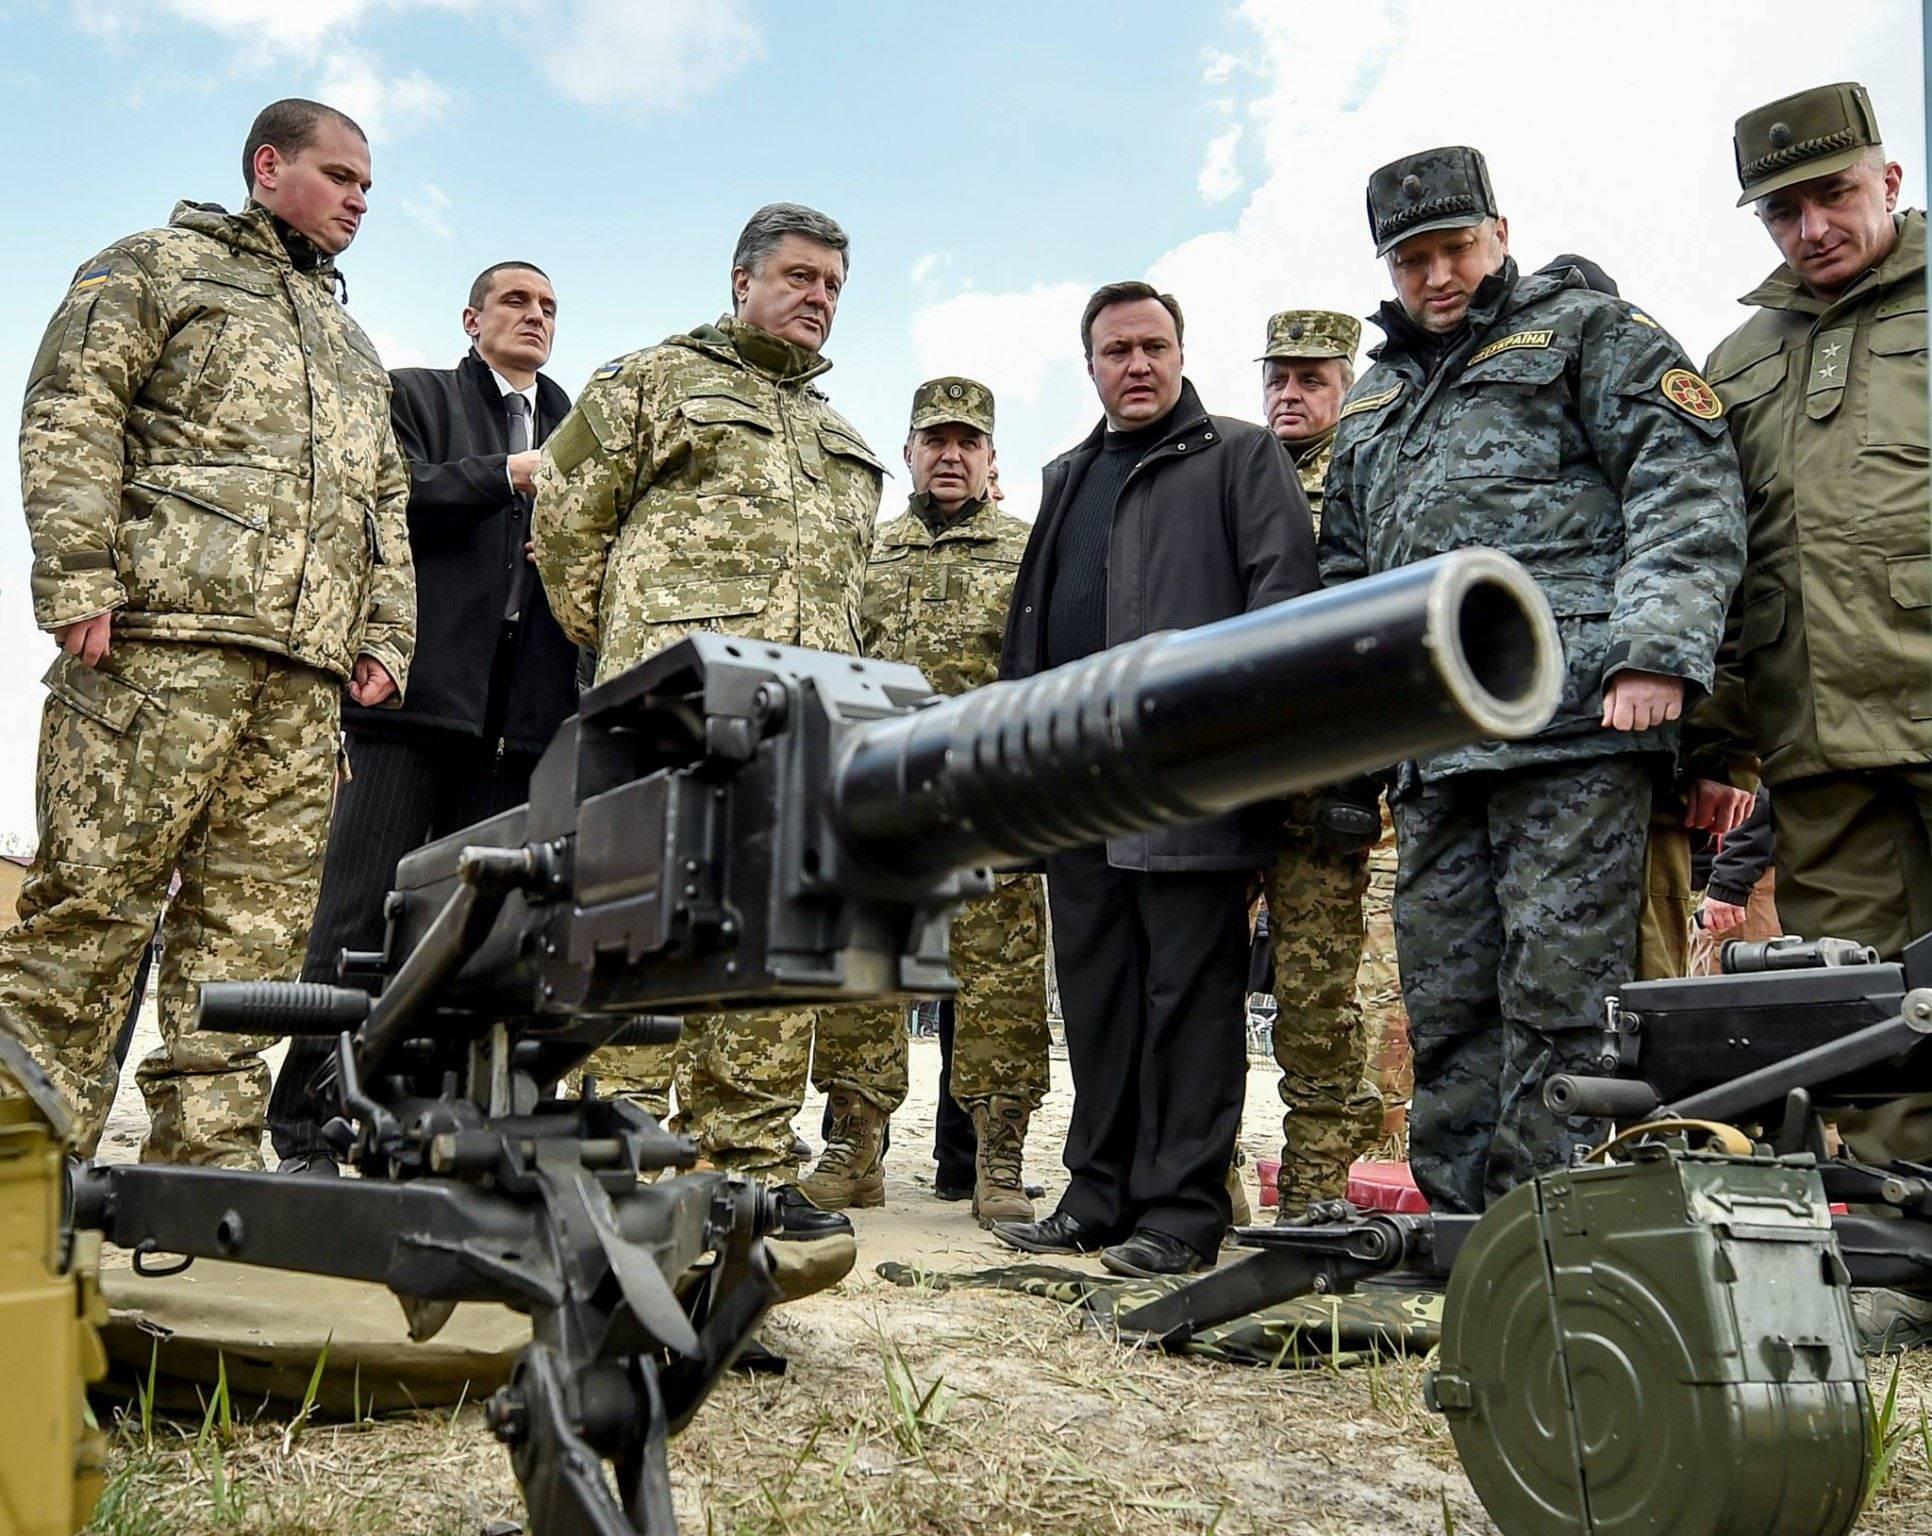 Штурмовые винтовки украины — лучшие современные боевые образцы